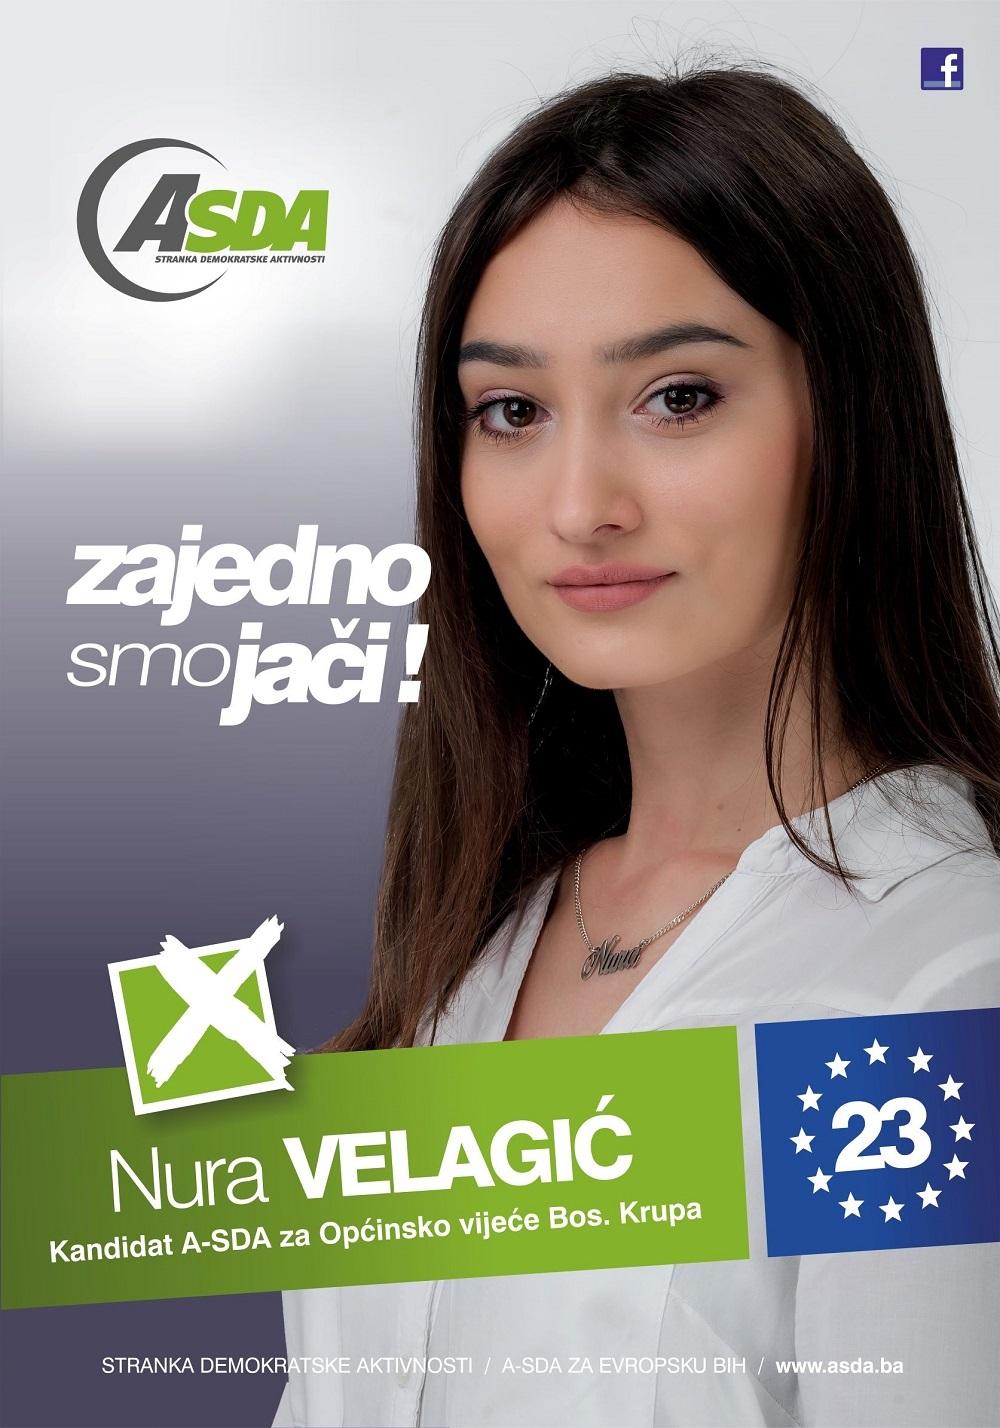 Nura Velagić